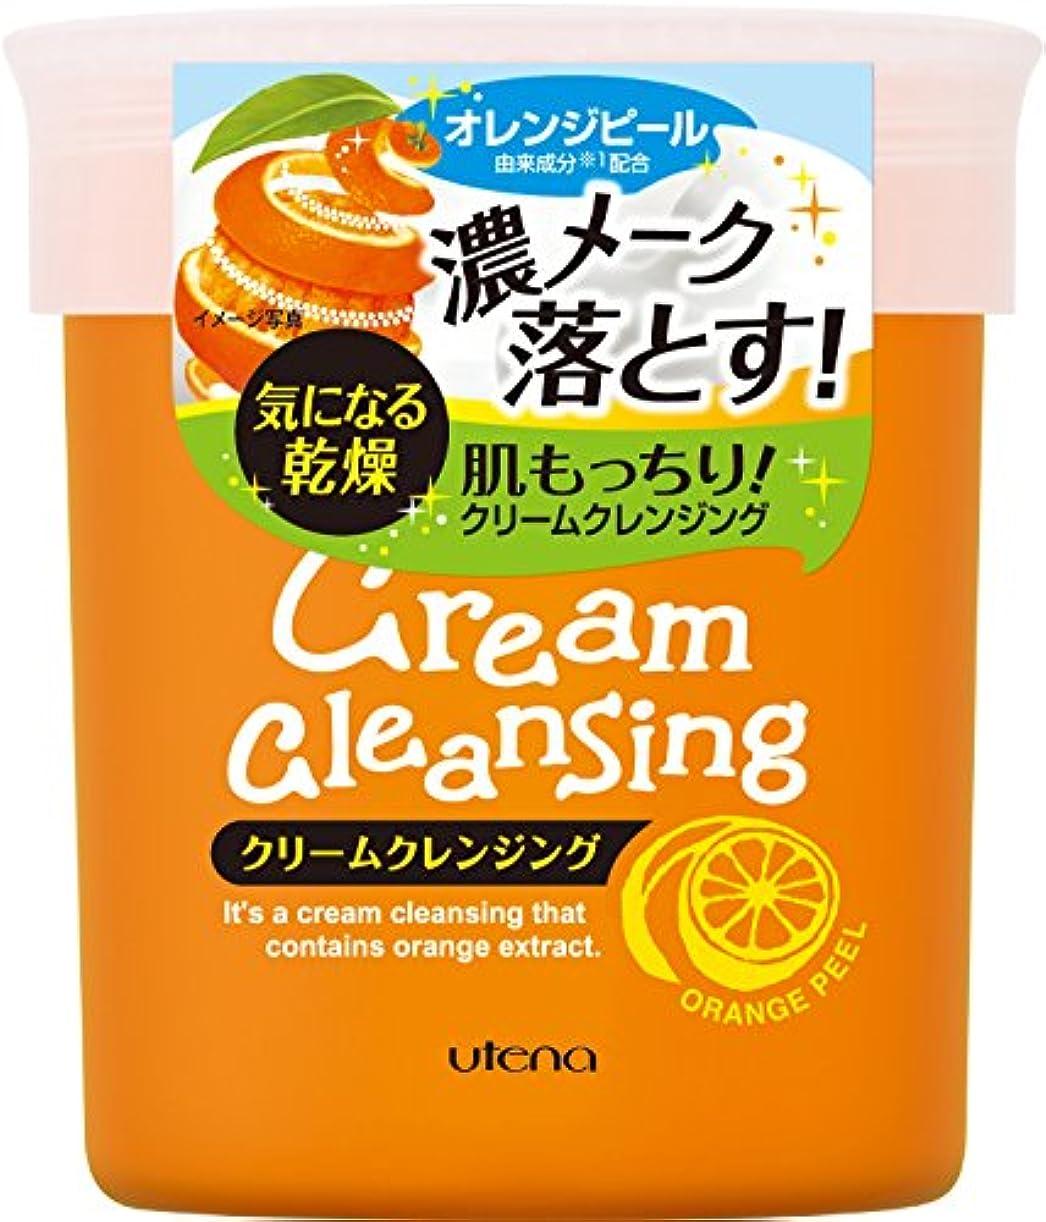 ワークショップ飢えた毛細血管オープル クリームクレンジング (オレンジピール由来成分配合)280g